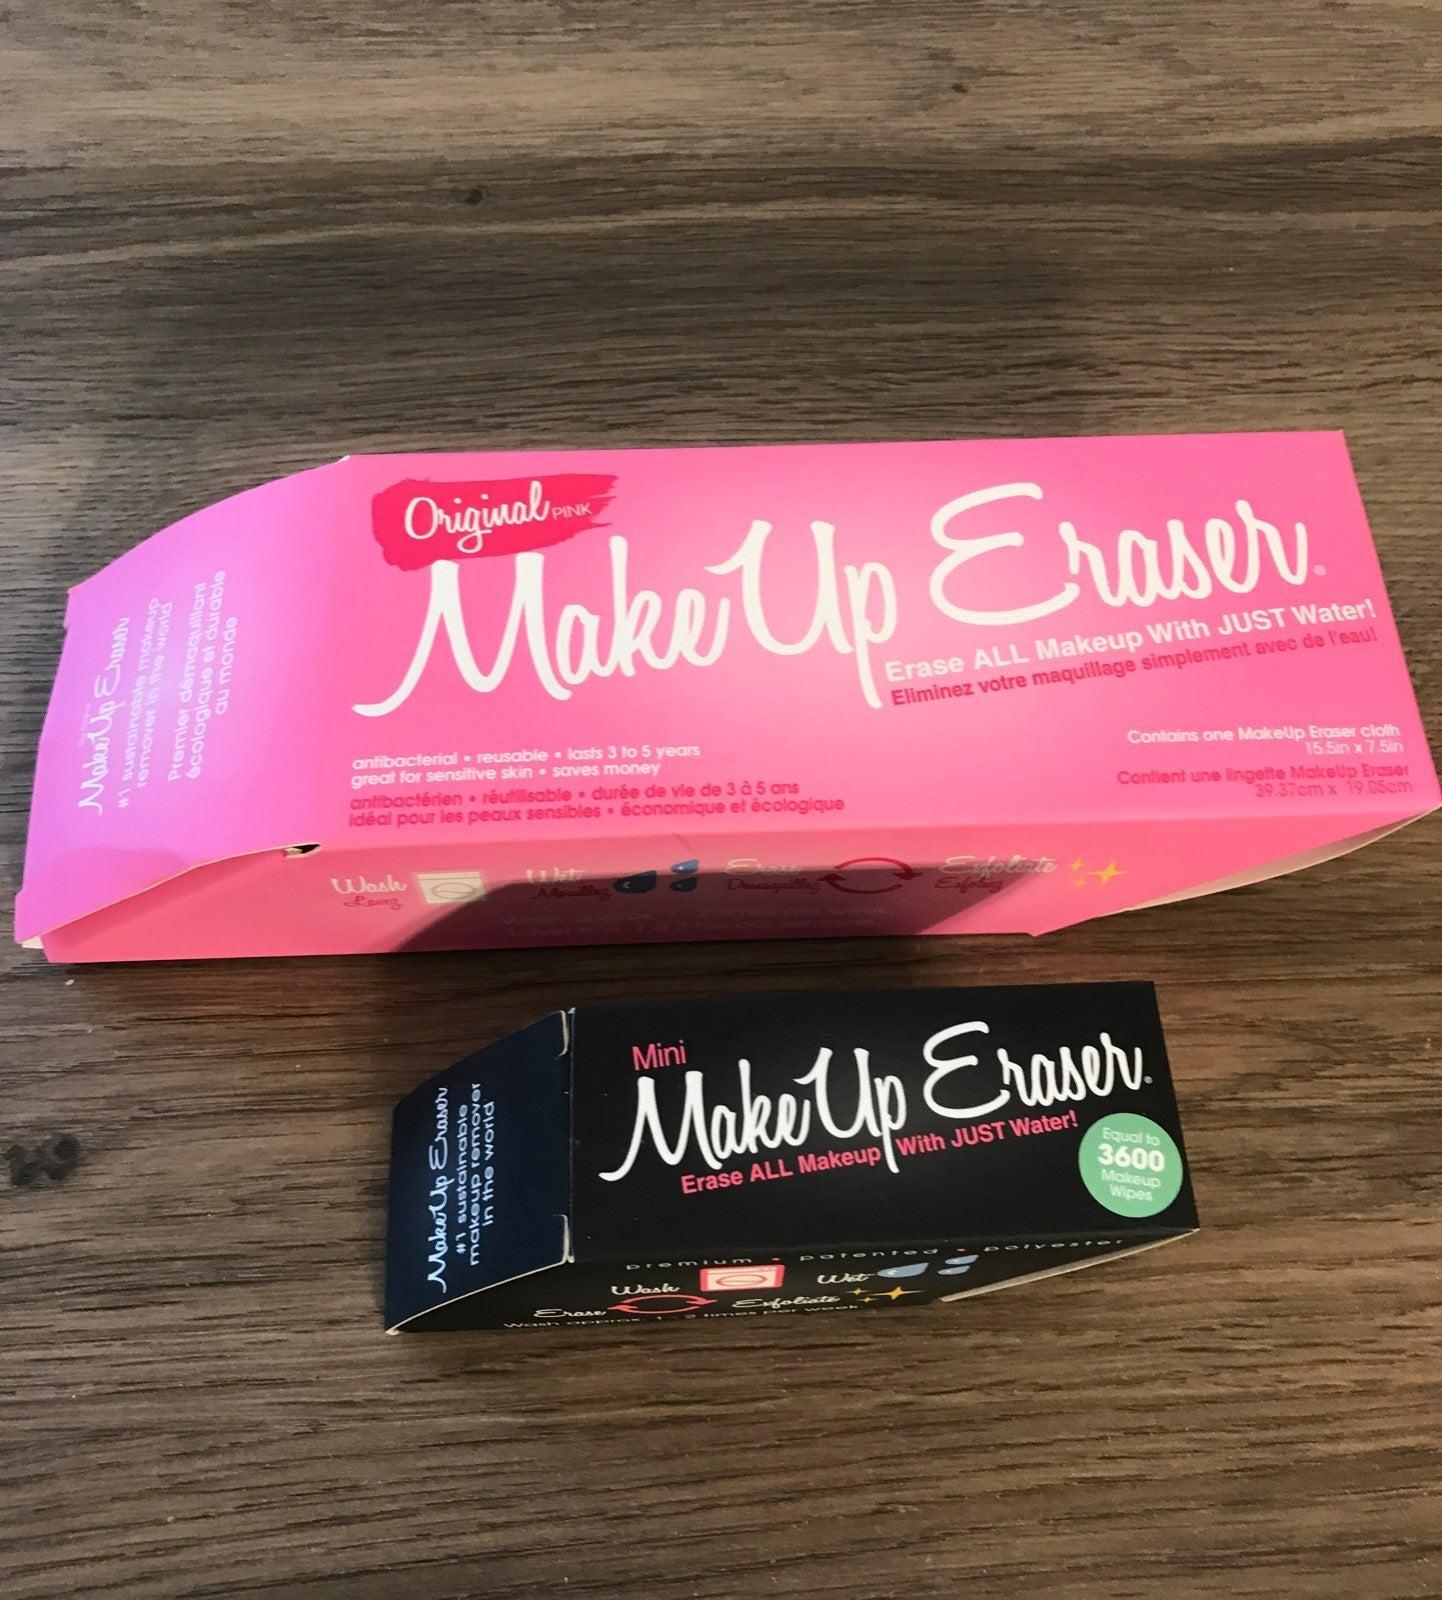 2 Makeup Erasers